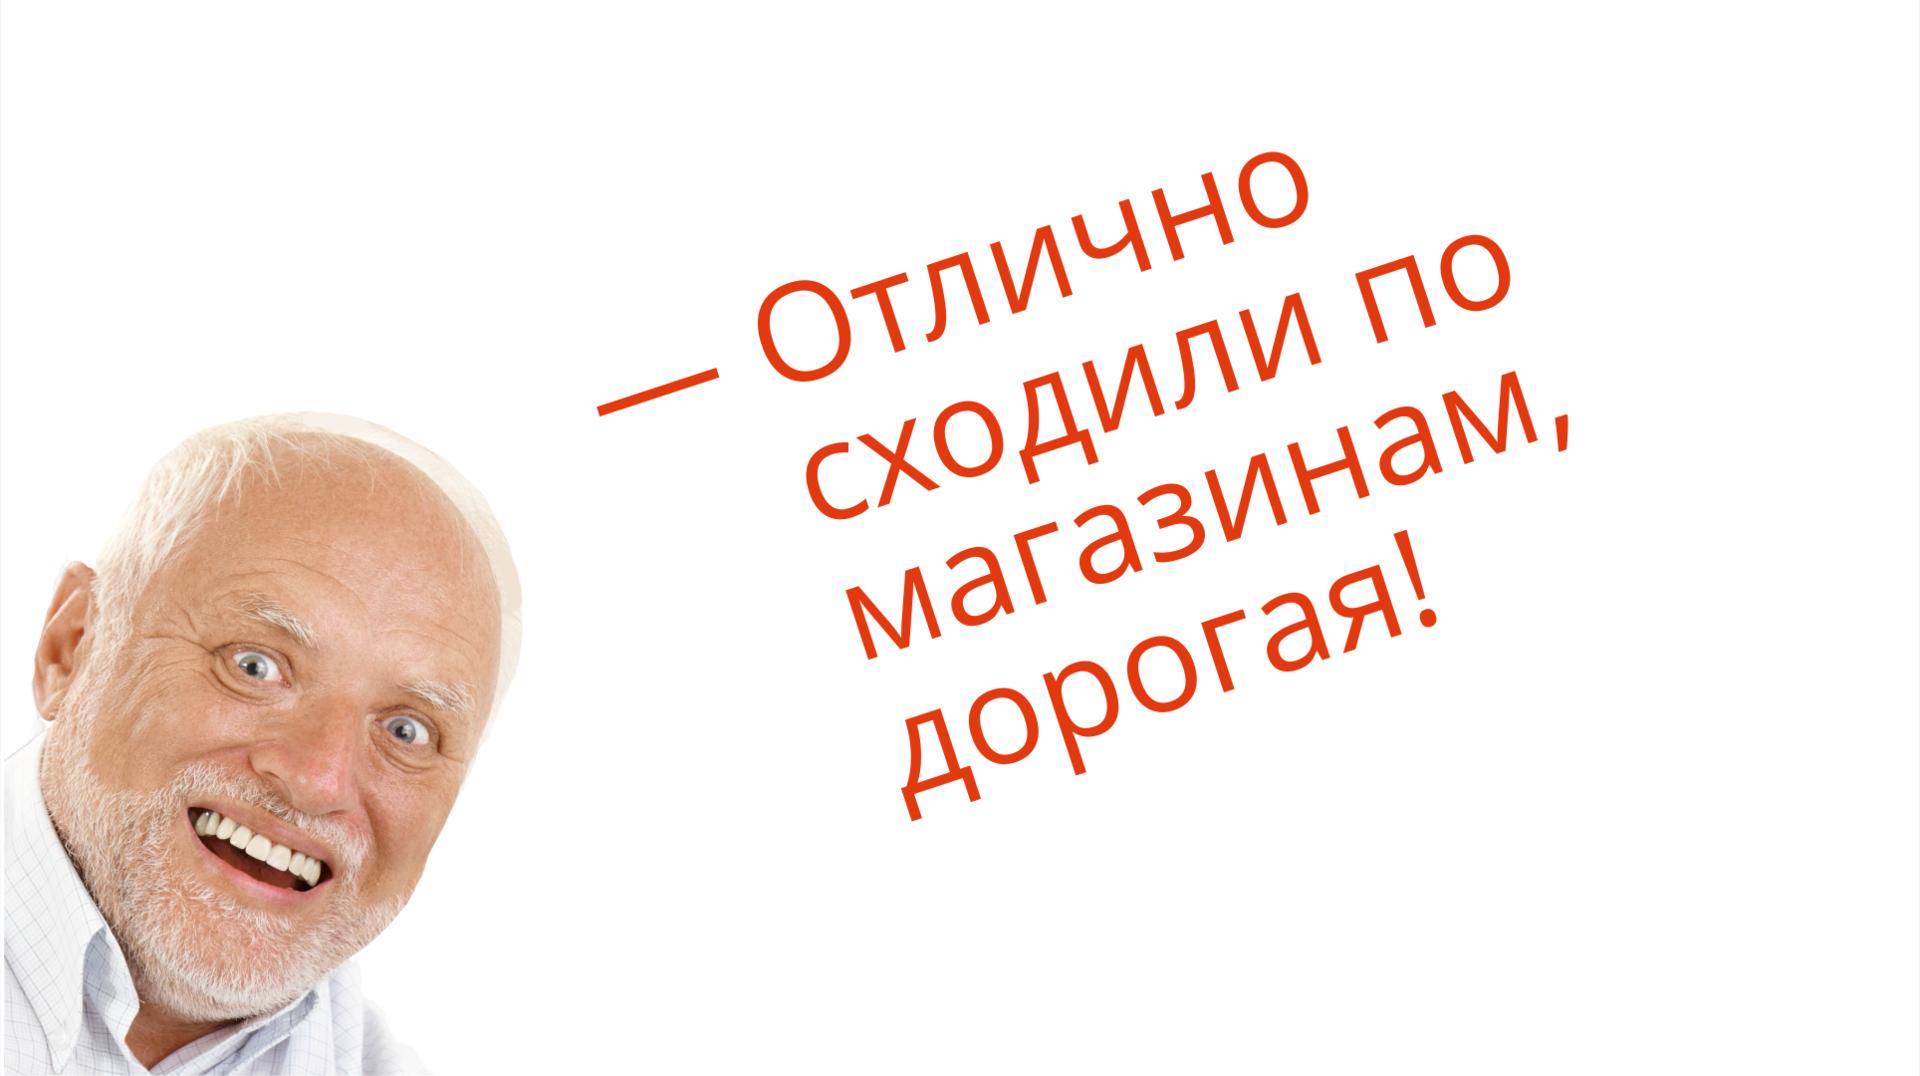 Зачем нужна навигация по торговому центру во Вконтакте, Телеграме и Фейсбуке - 1